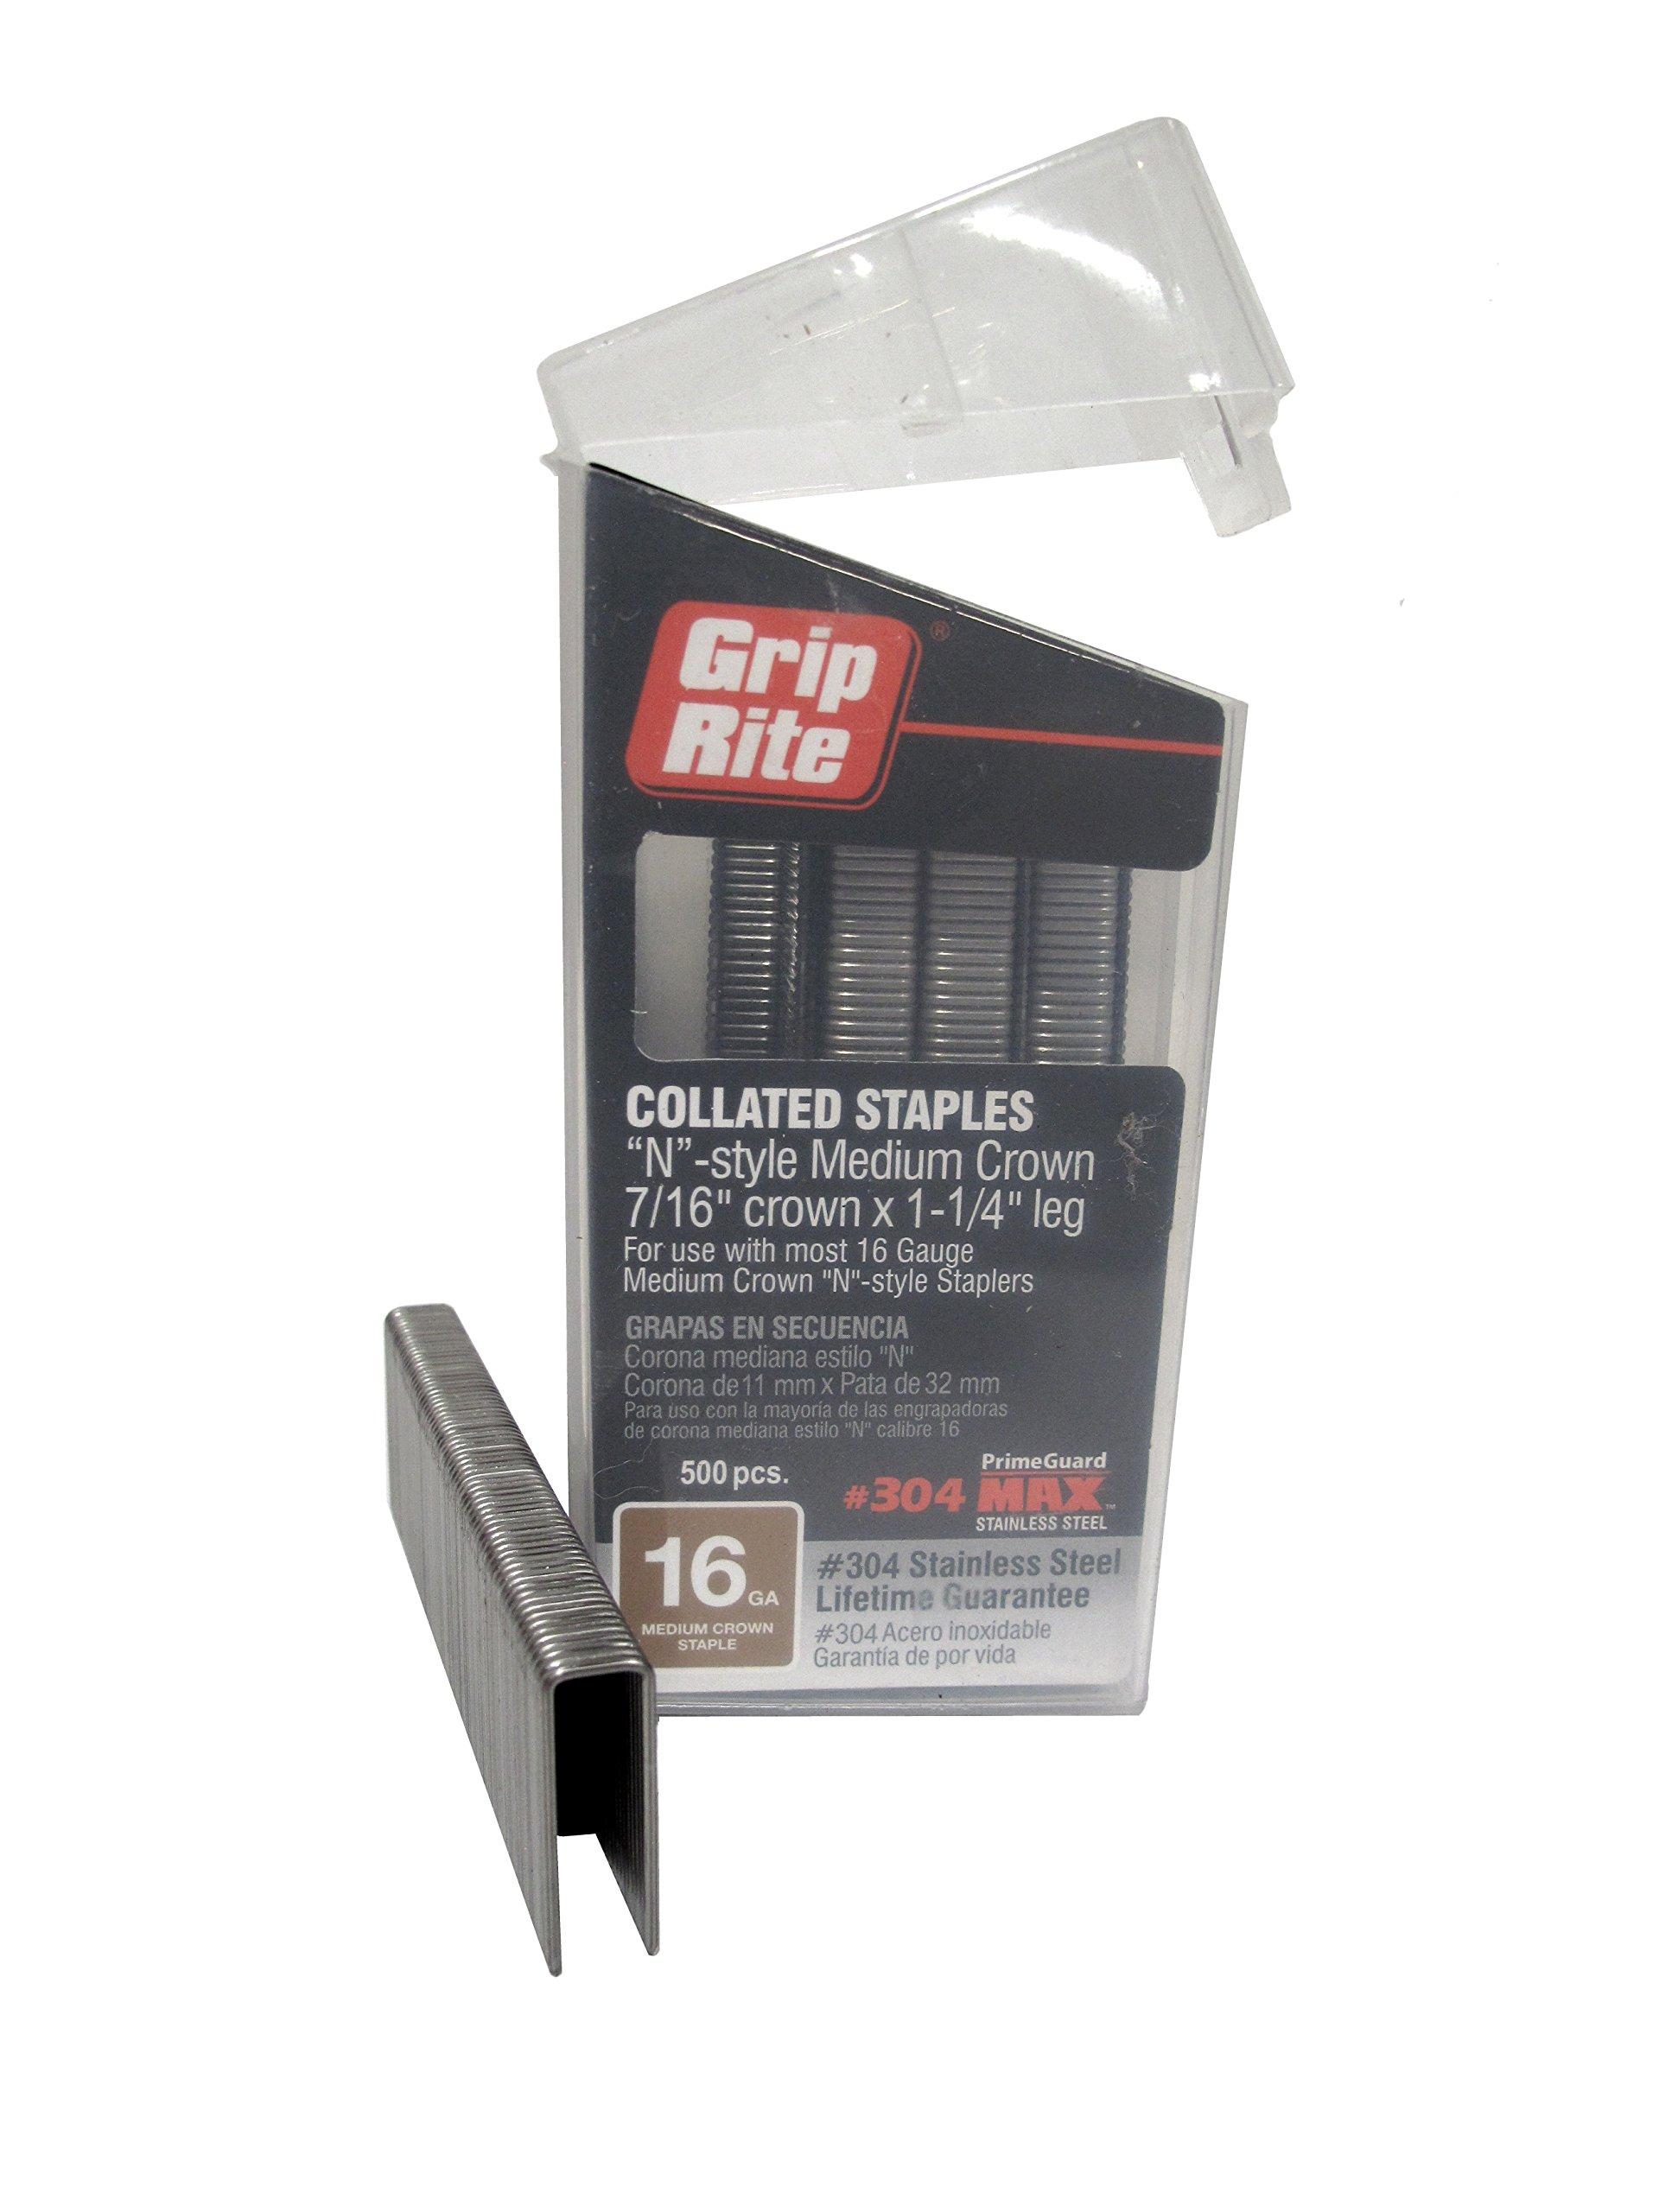 Grip Rite Prime Guard MAXB64890 16-Gauge 7/16'' Medium Crown by 1-1/4'' 304-Stainless Steel Staples in Belt Clip Box (Pack of 500)